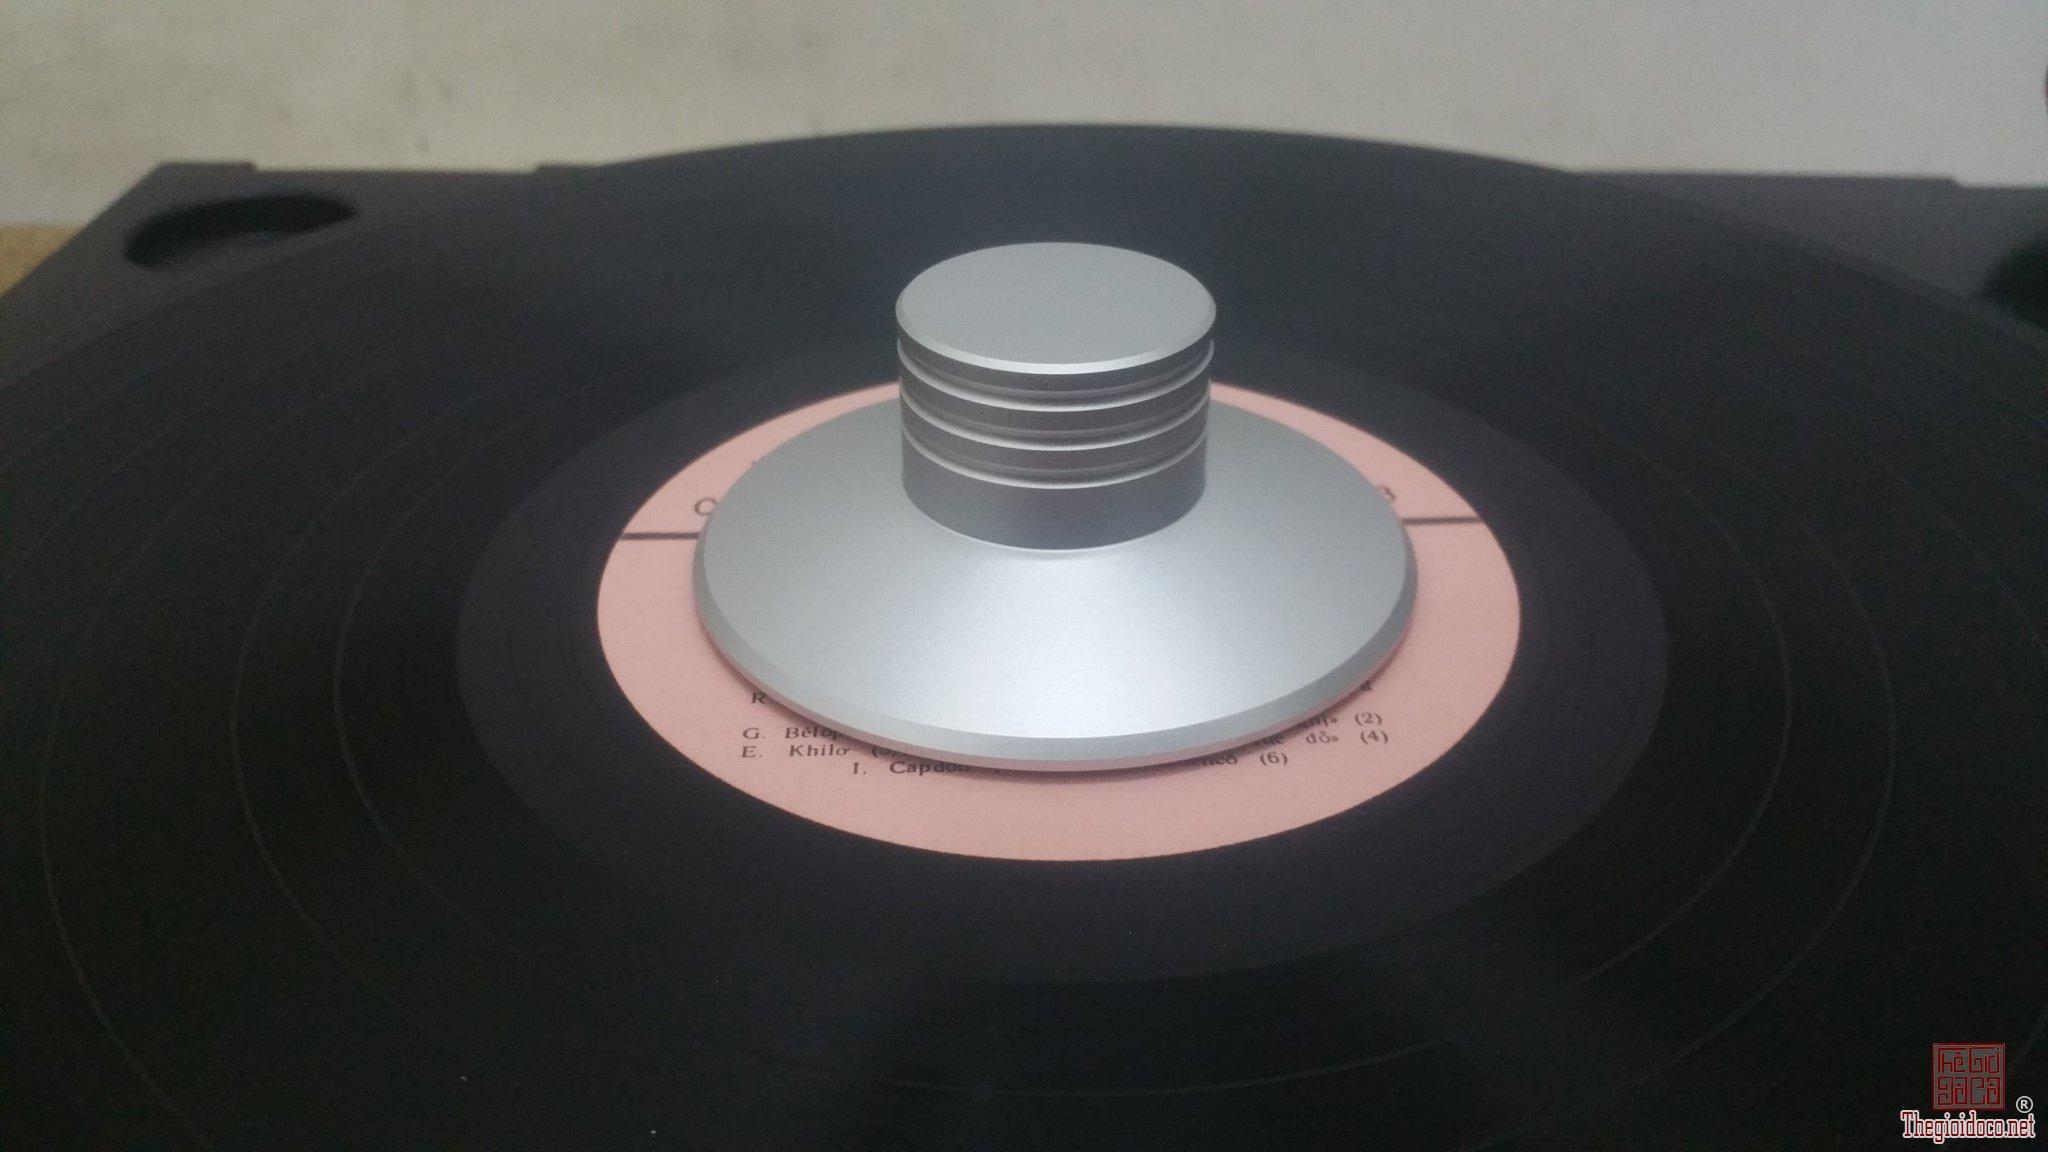 Cục chặn giúp ổn định đĩa than LP giá bán = 300 nghìn đồng